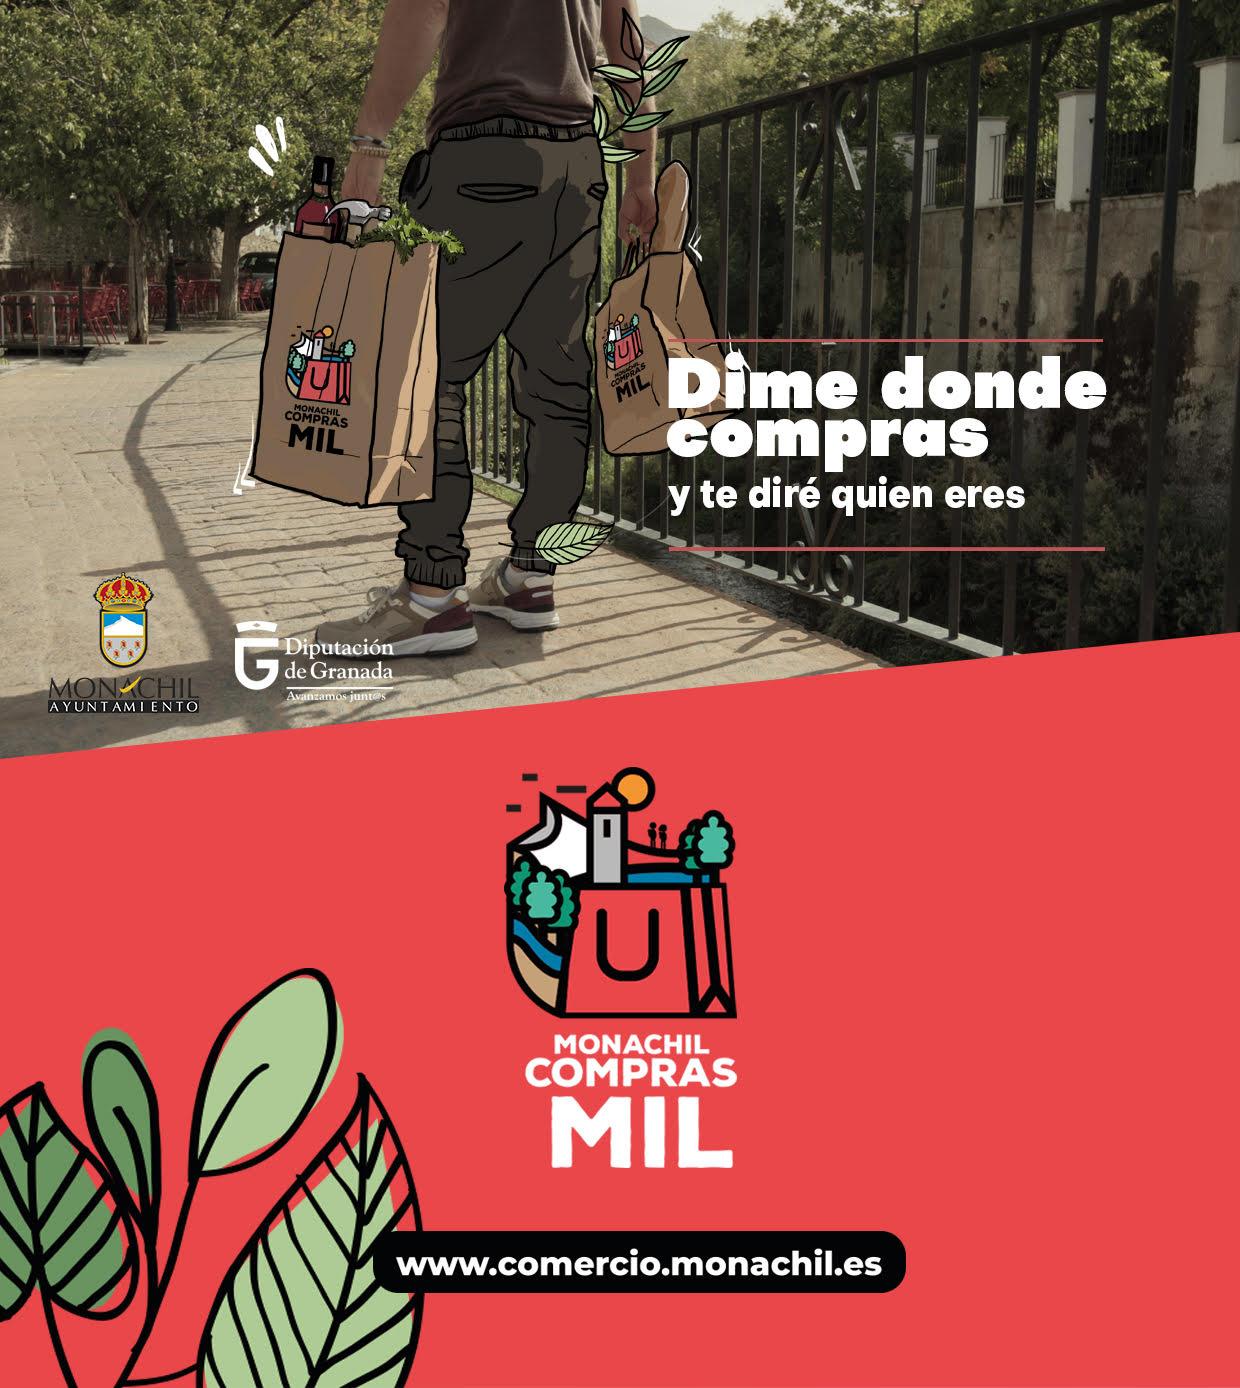 'Monachil compras mil' campaña municipal para ayudar a los comercios a promocionarse